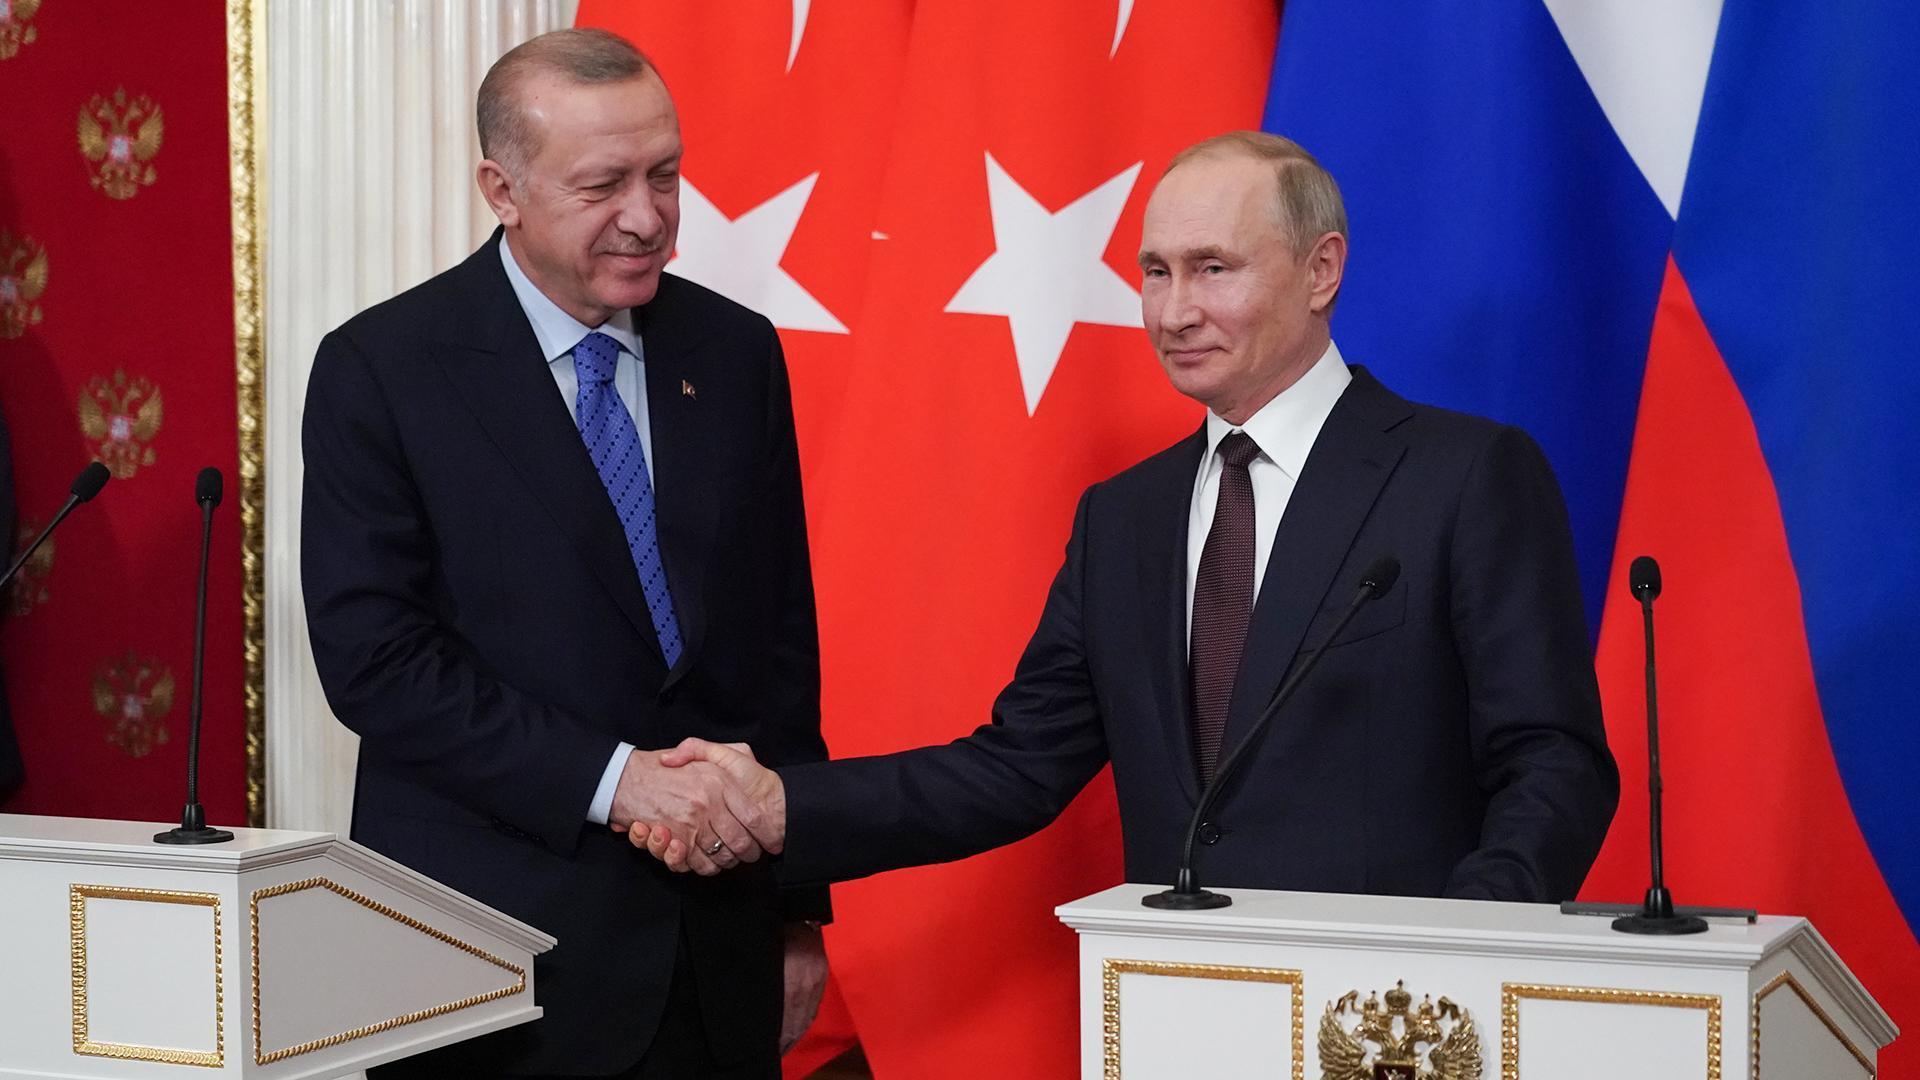 Chính sách đối ngoại của Nga - Thổ có thể xảy ra xung đột mới?